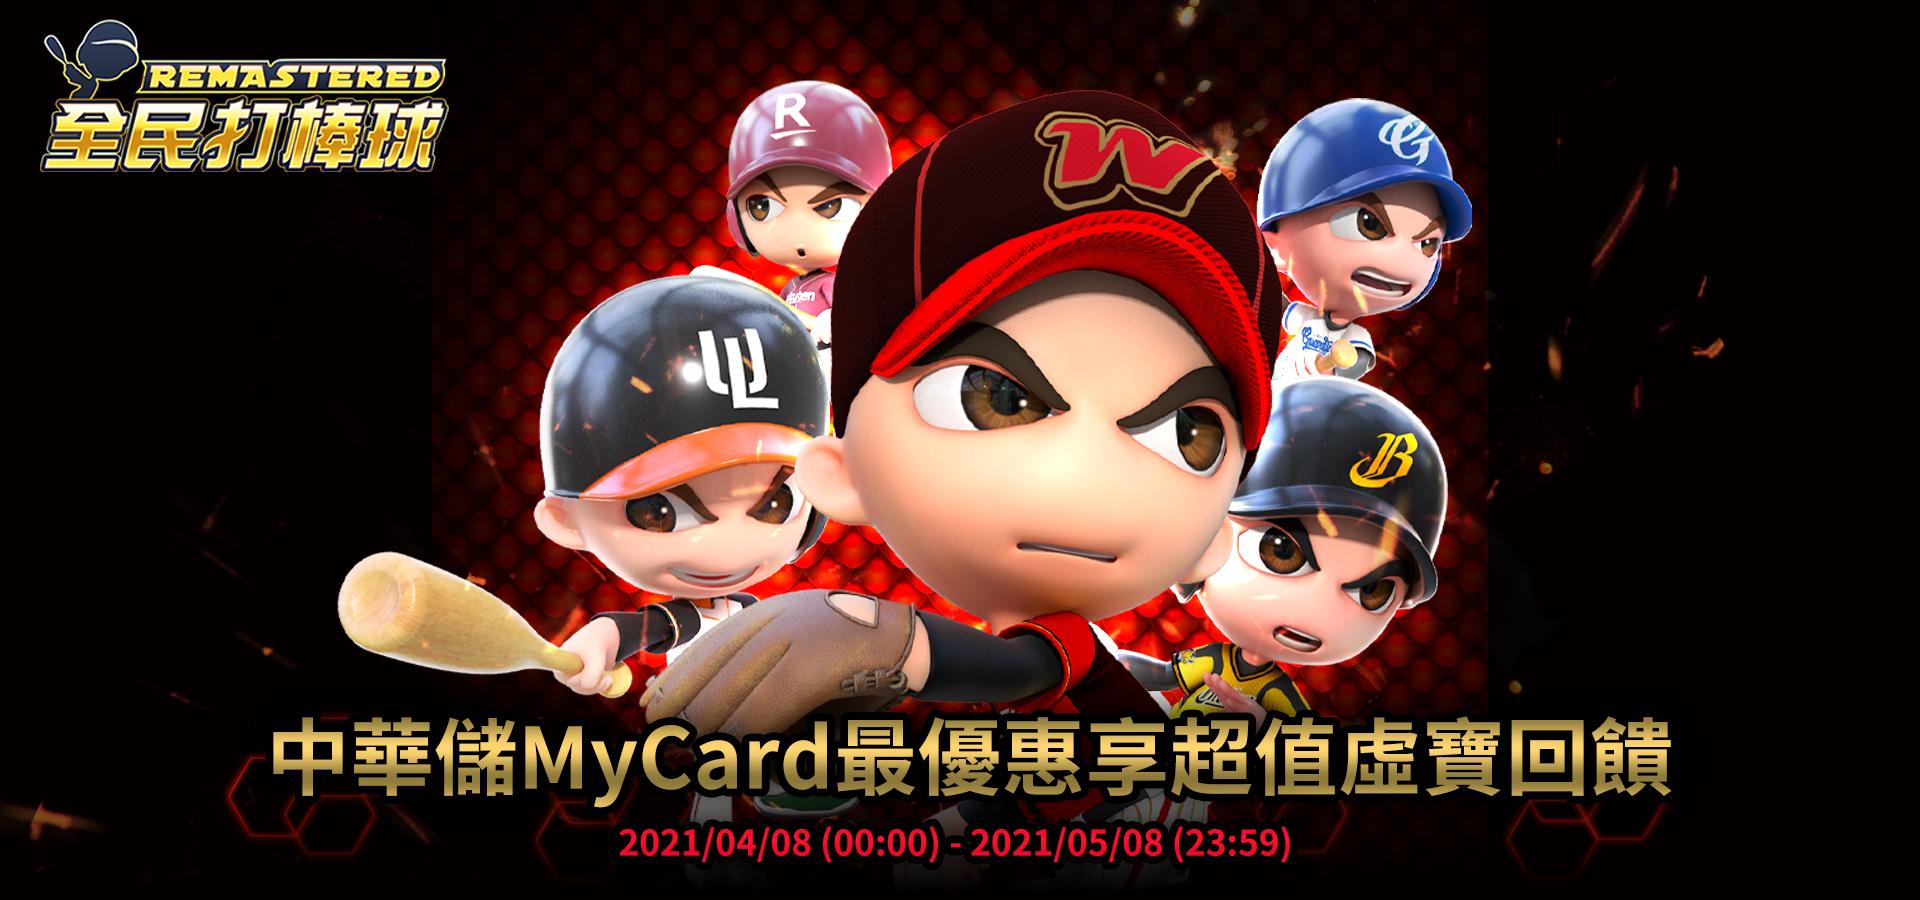 《全民打棒球REMASTERED》MyCard儲值享超值好禮回饋 | 中華電信